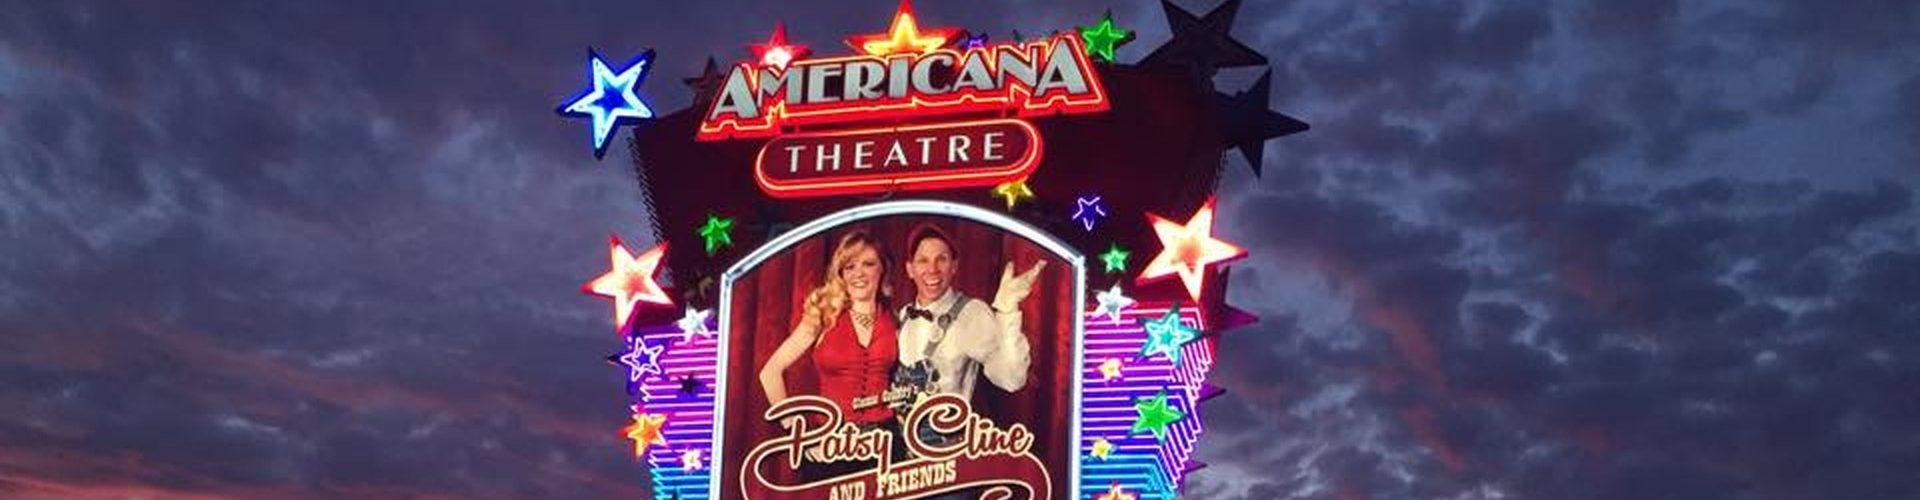 Americana Theatre Branson Call 1 800 504 0115